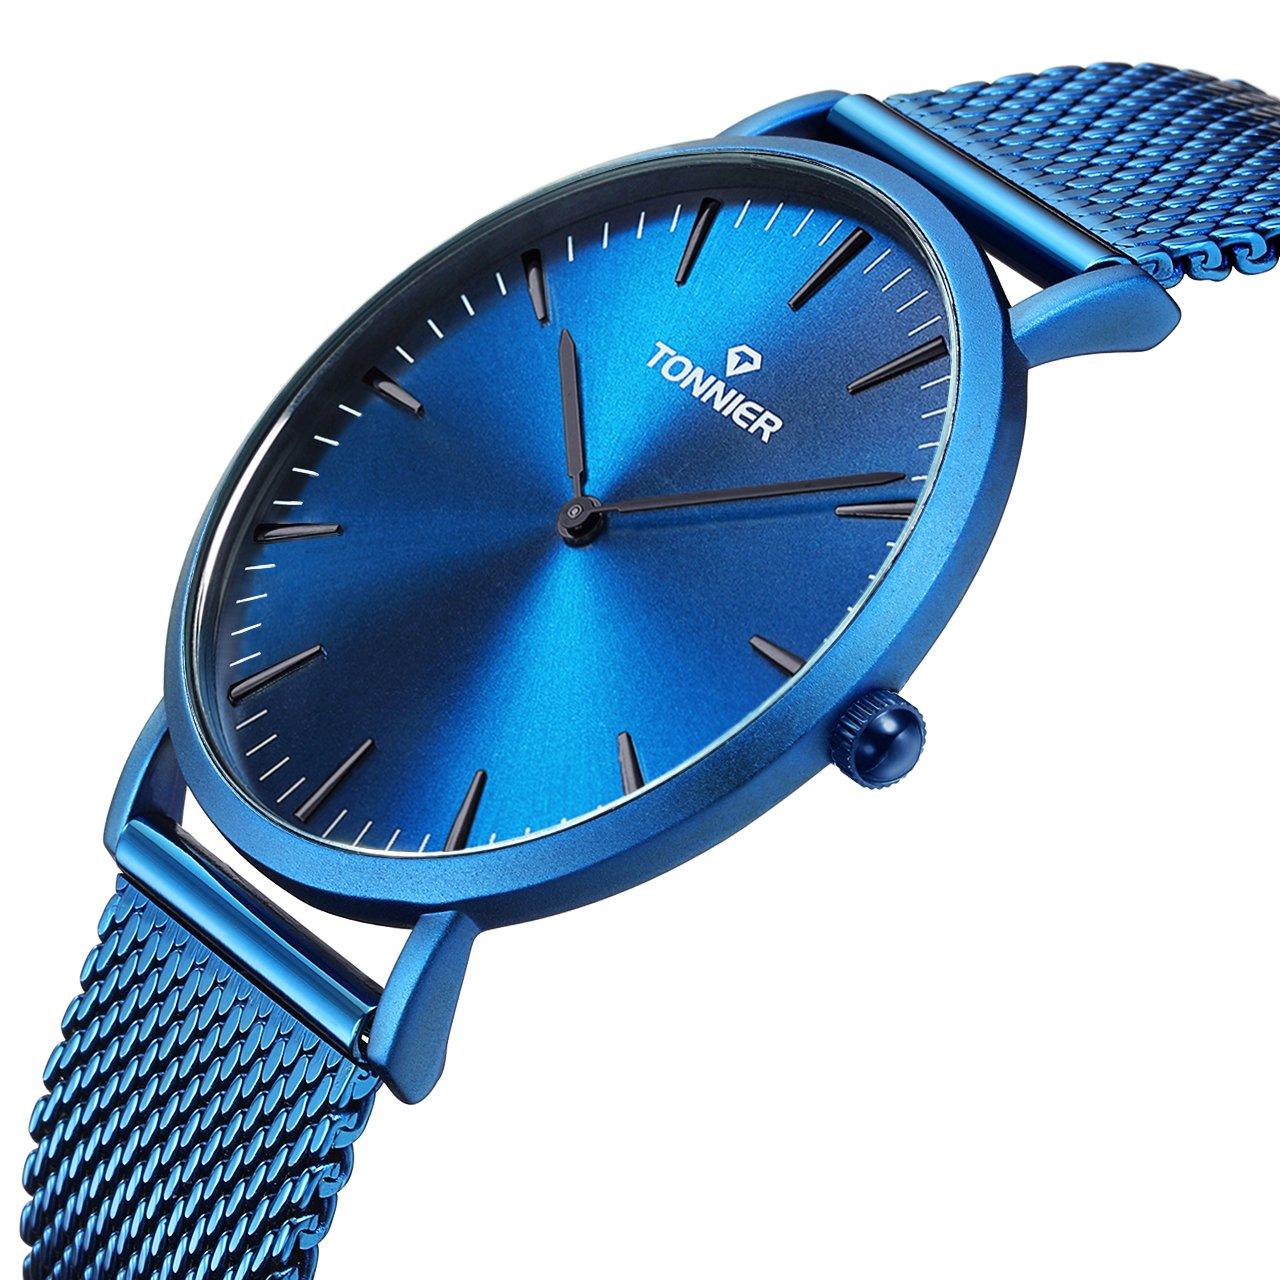 Tonnier Deep Blue Stainless Steel Band Slim Mens Watch Quartz Ocean Depths Blue Watch Face for Men